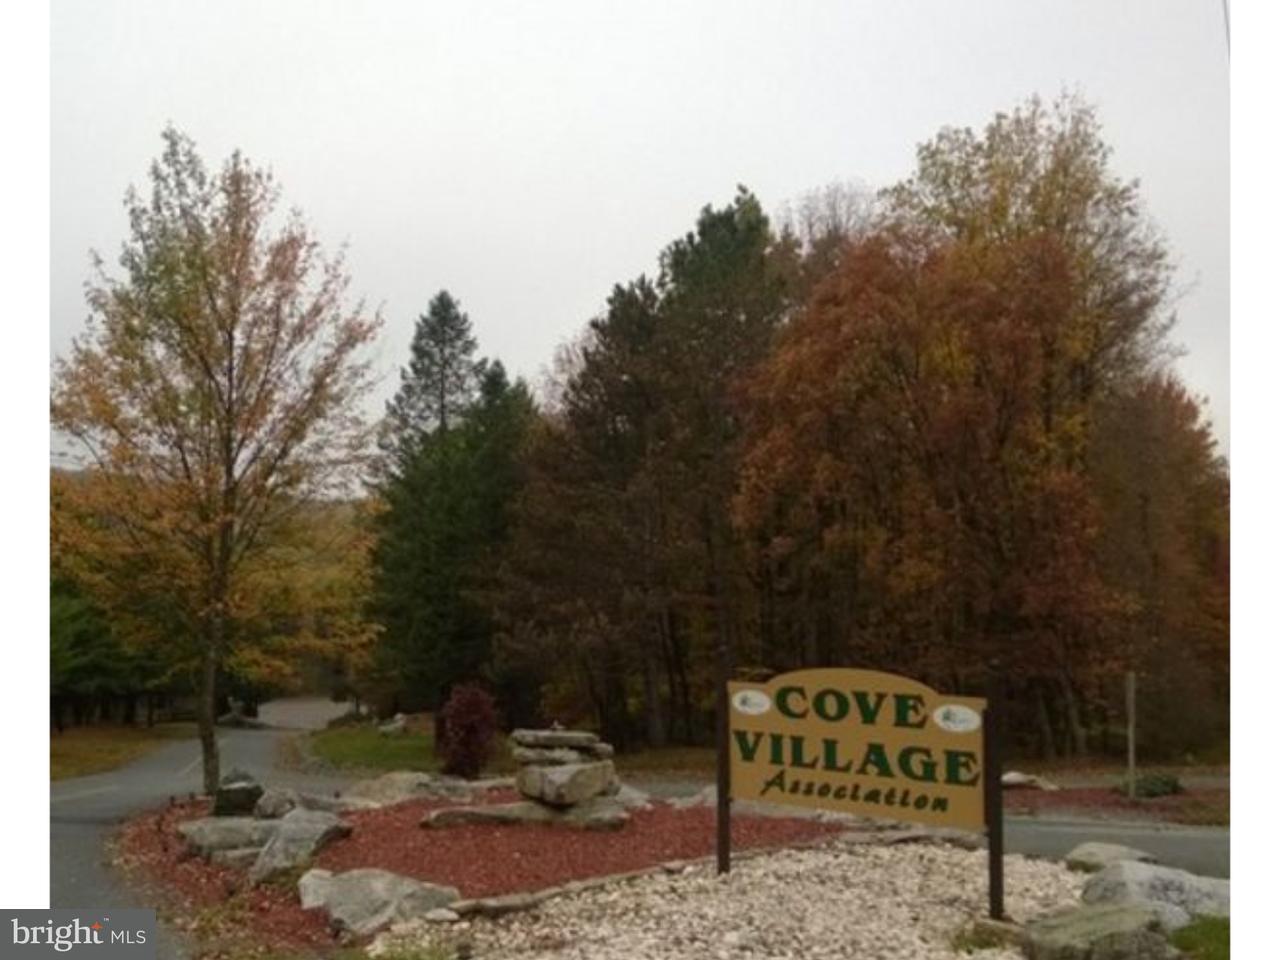 Частный односемейный дом для того Продажа на 364 SPRING MOUNTAIN Drive Zion Grove, Пенсильвания 17985 Соединенные Штаты